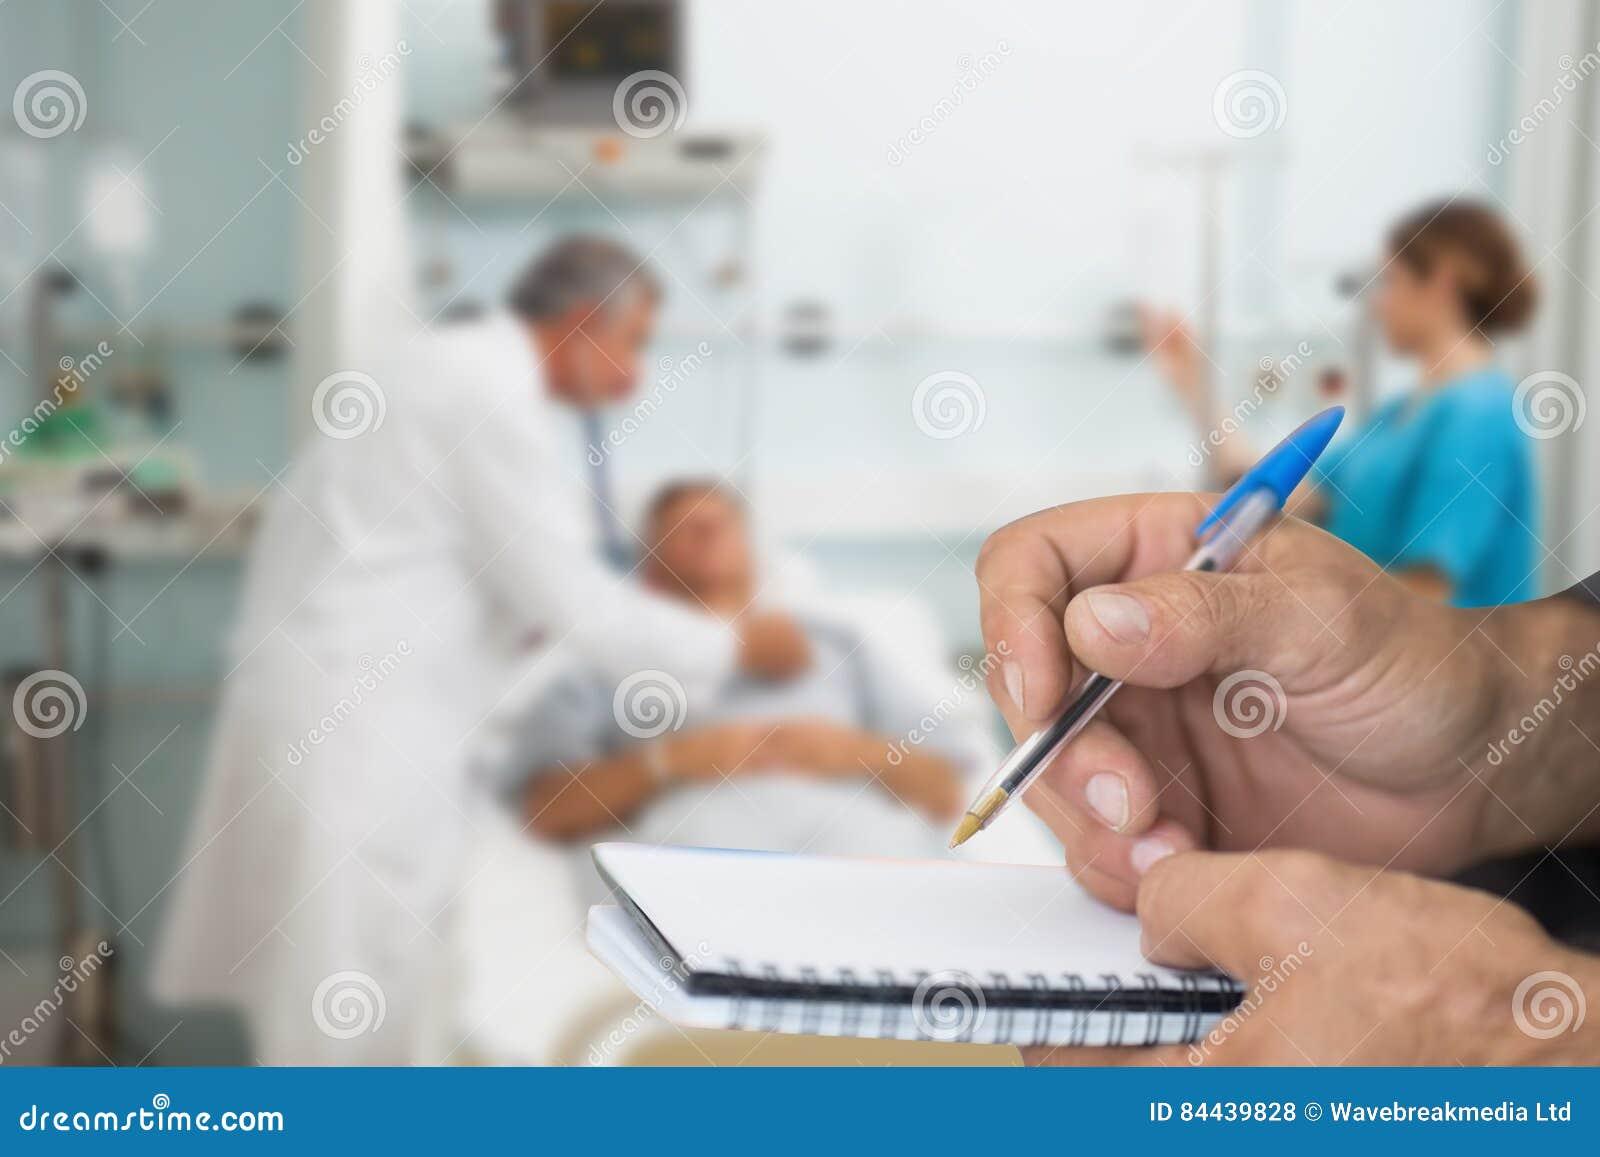 Sammansatt bild av doktorn som kontrollerar patienten med stetoskopet